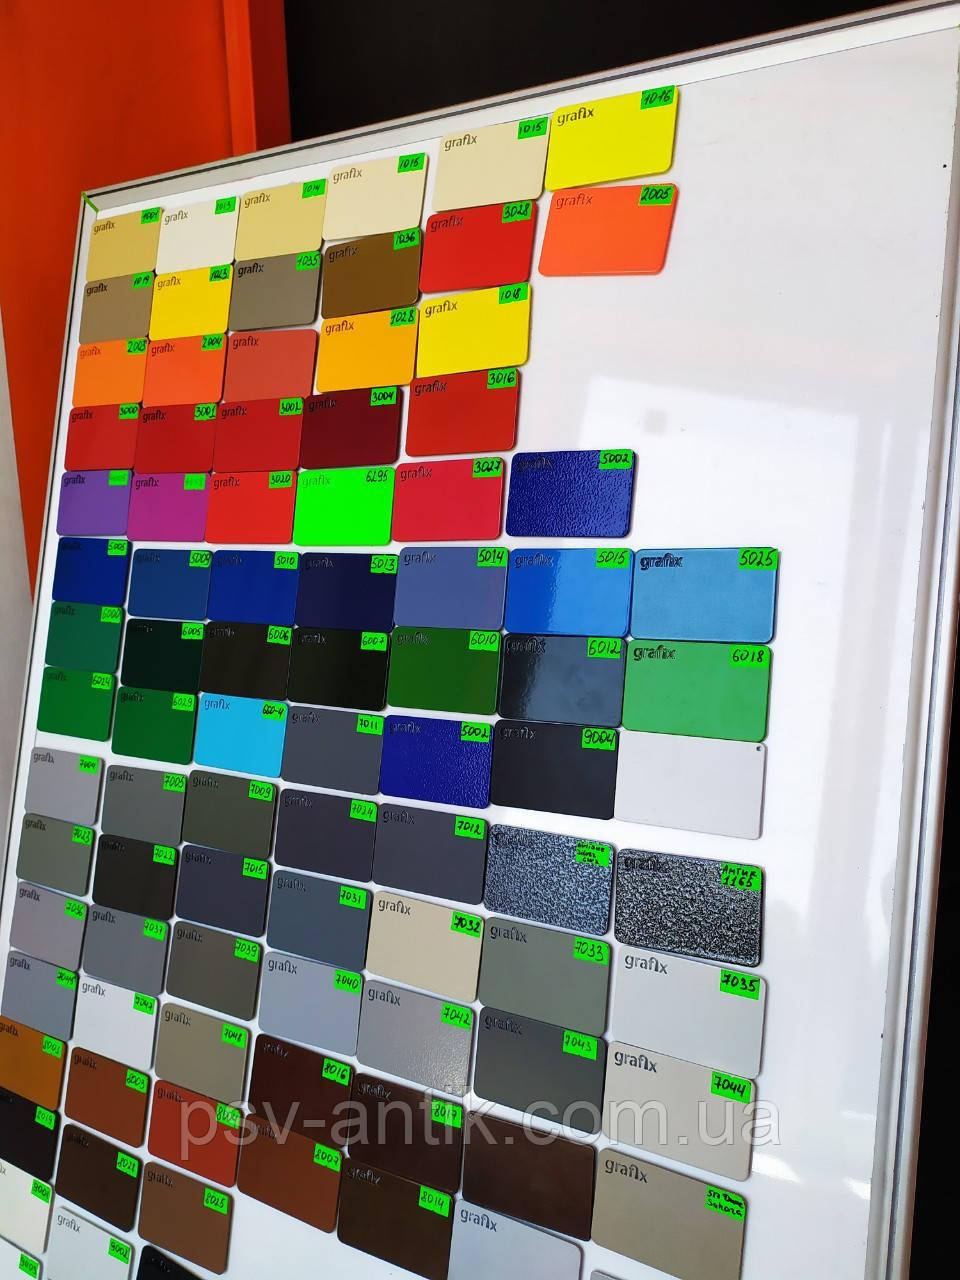 Порошковая краска глянцевая, полиэфирная, индустриальная, 7031